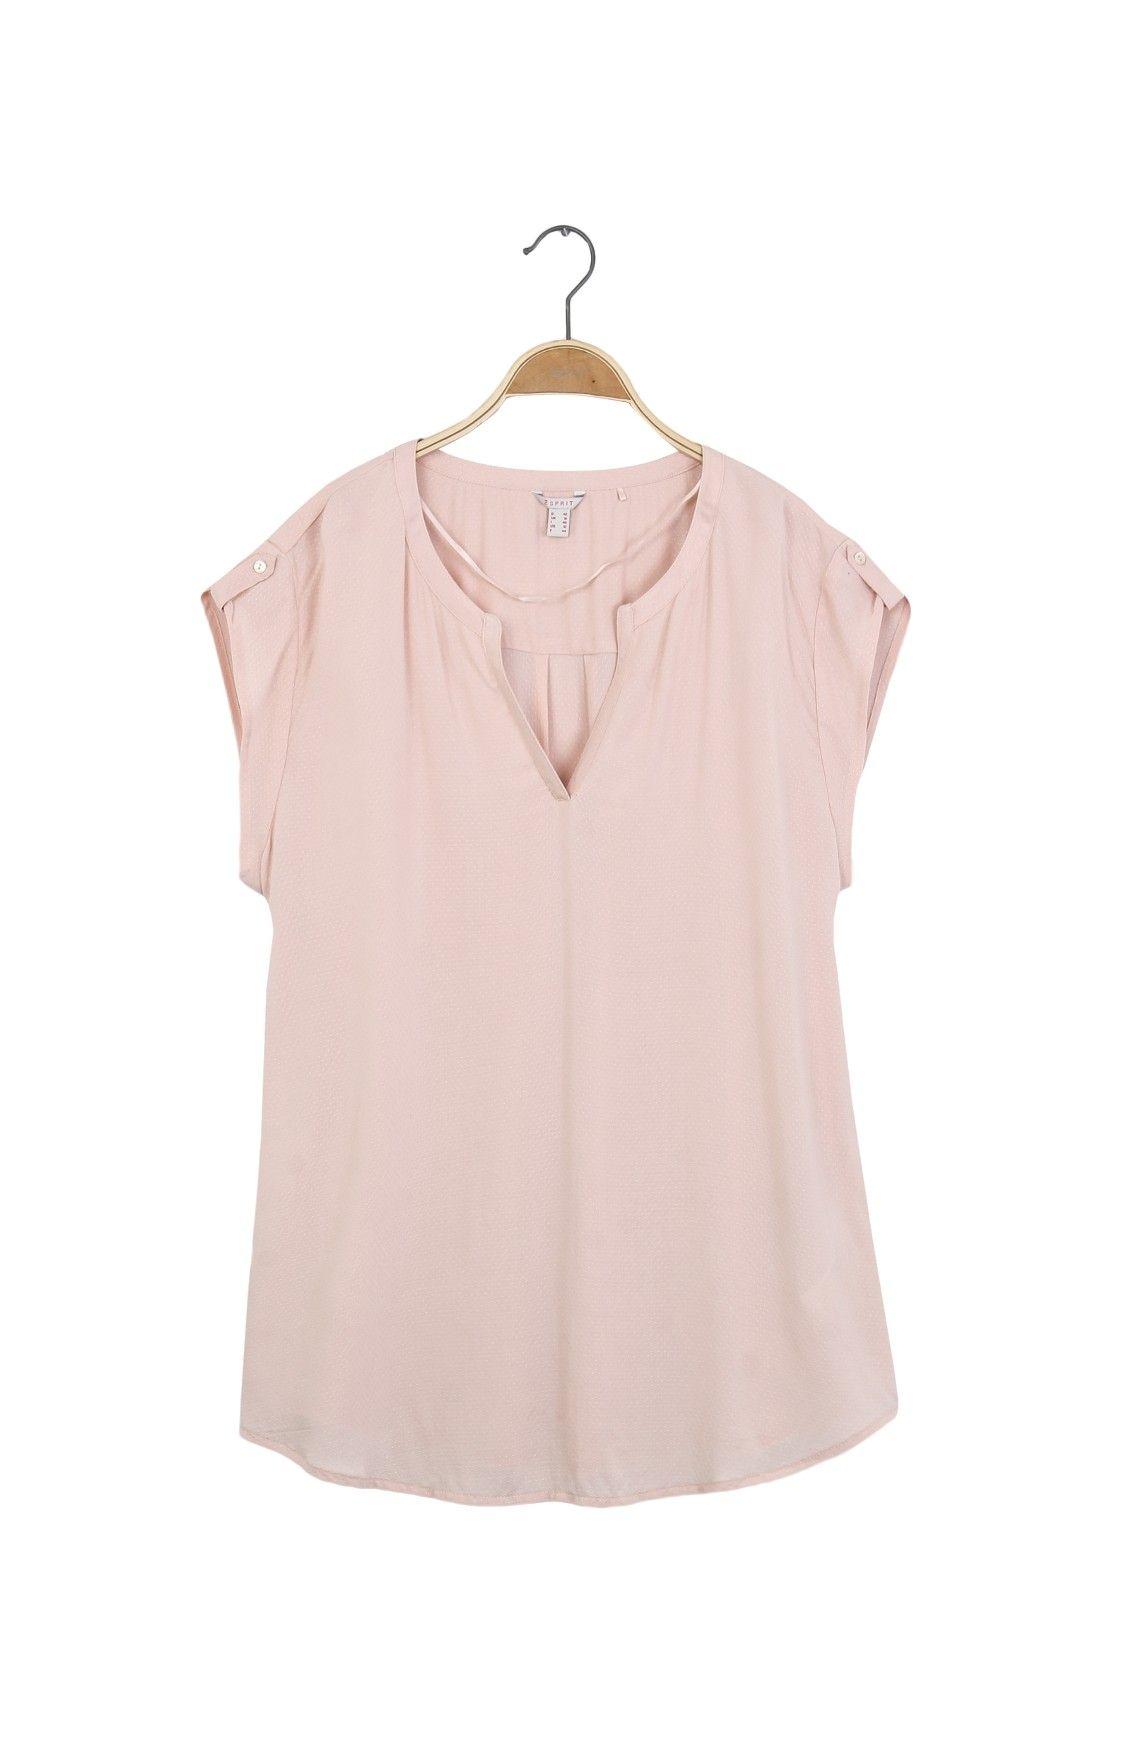 Camisa cuello redondo abierto, manga rodada con charreteras decorativas. Composición Prenda: 100% Viscosa.